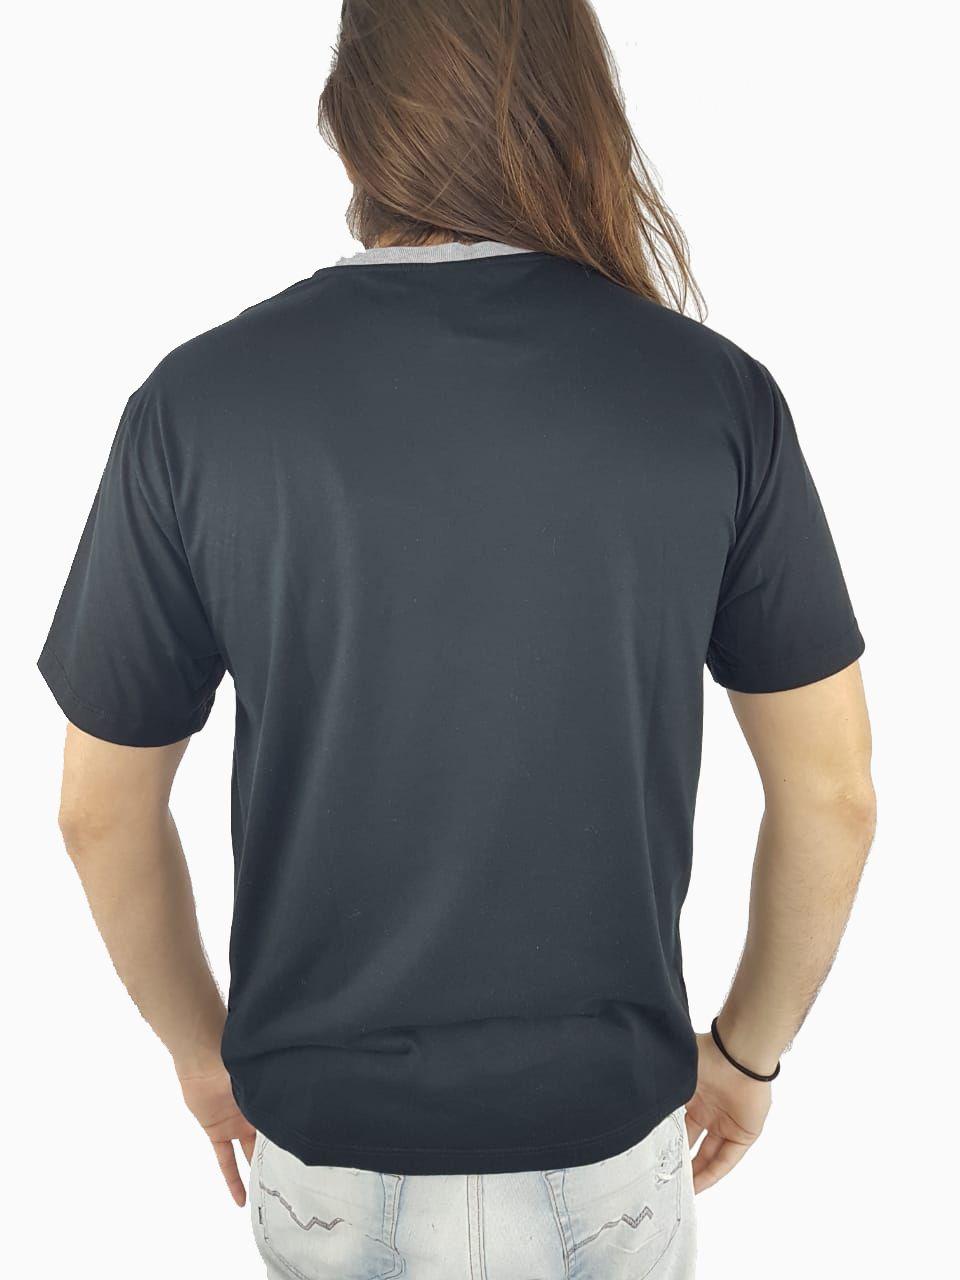 Camiseta Masculina Cavalera Estampada Preta Mescla